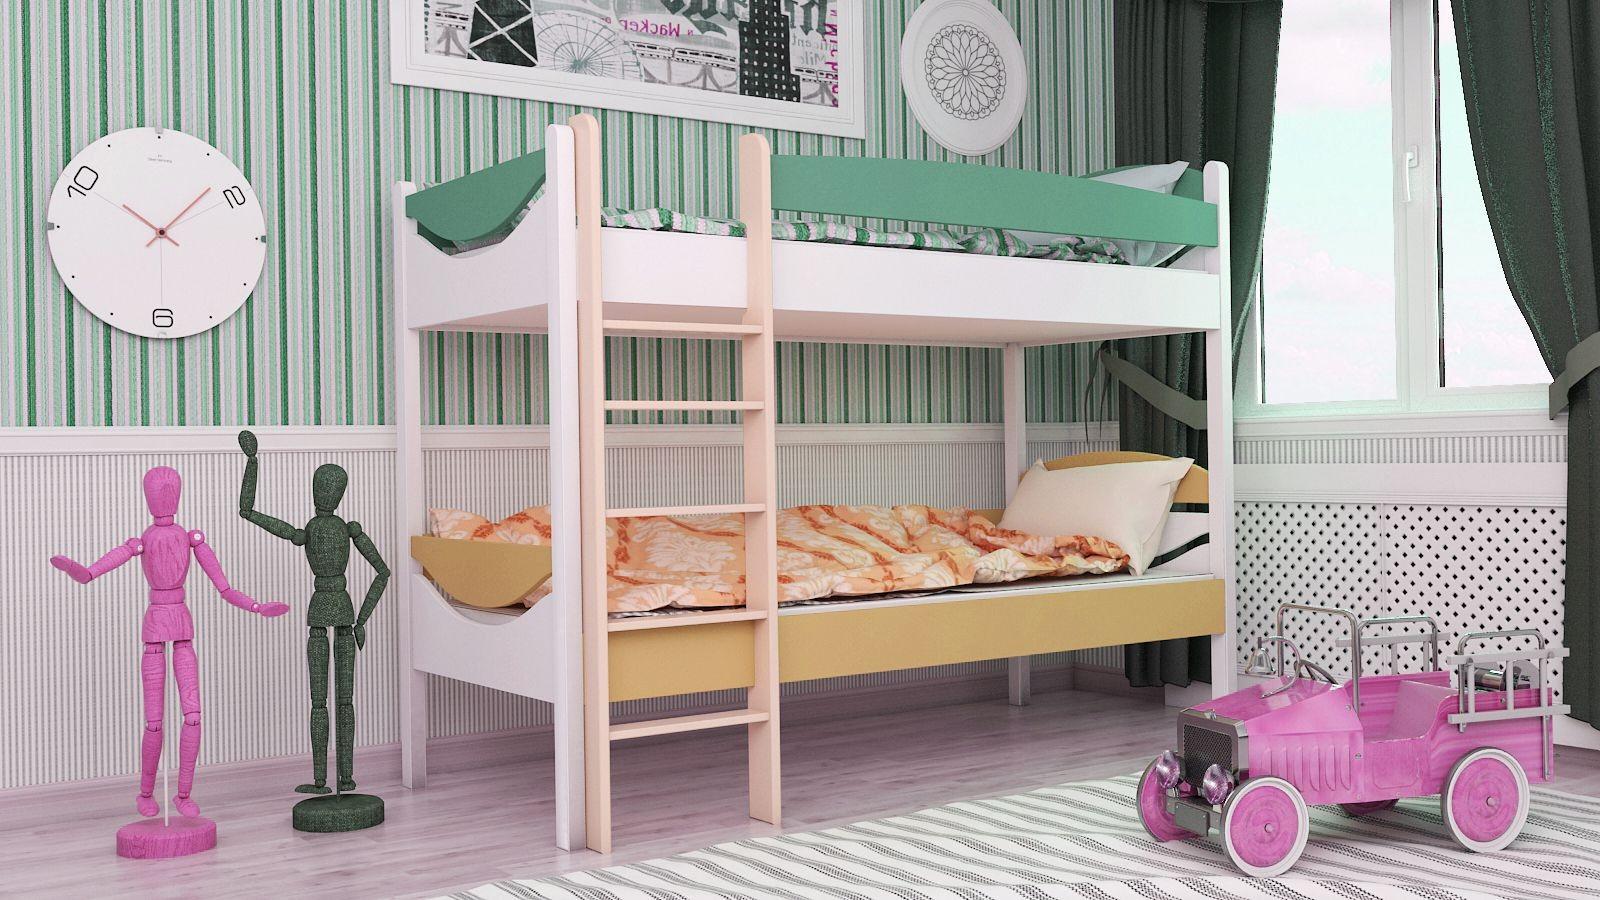 """Двухъярусная кровать """"Двойняшка"""" KDDUBU детская для мальчиков и девочек детей от 2-3 лет"""